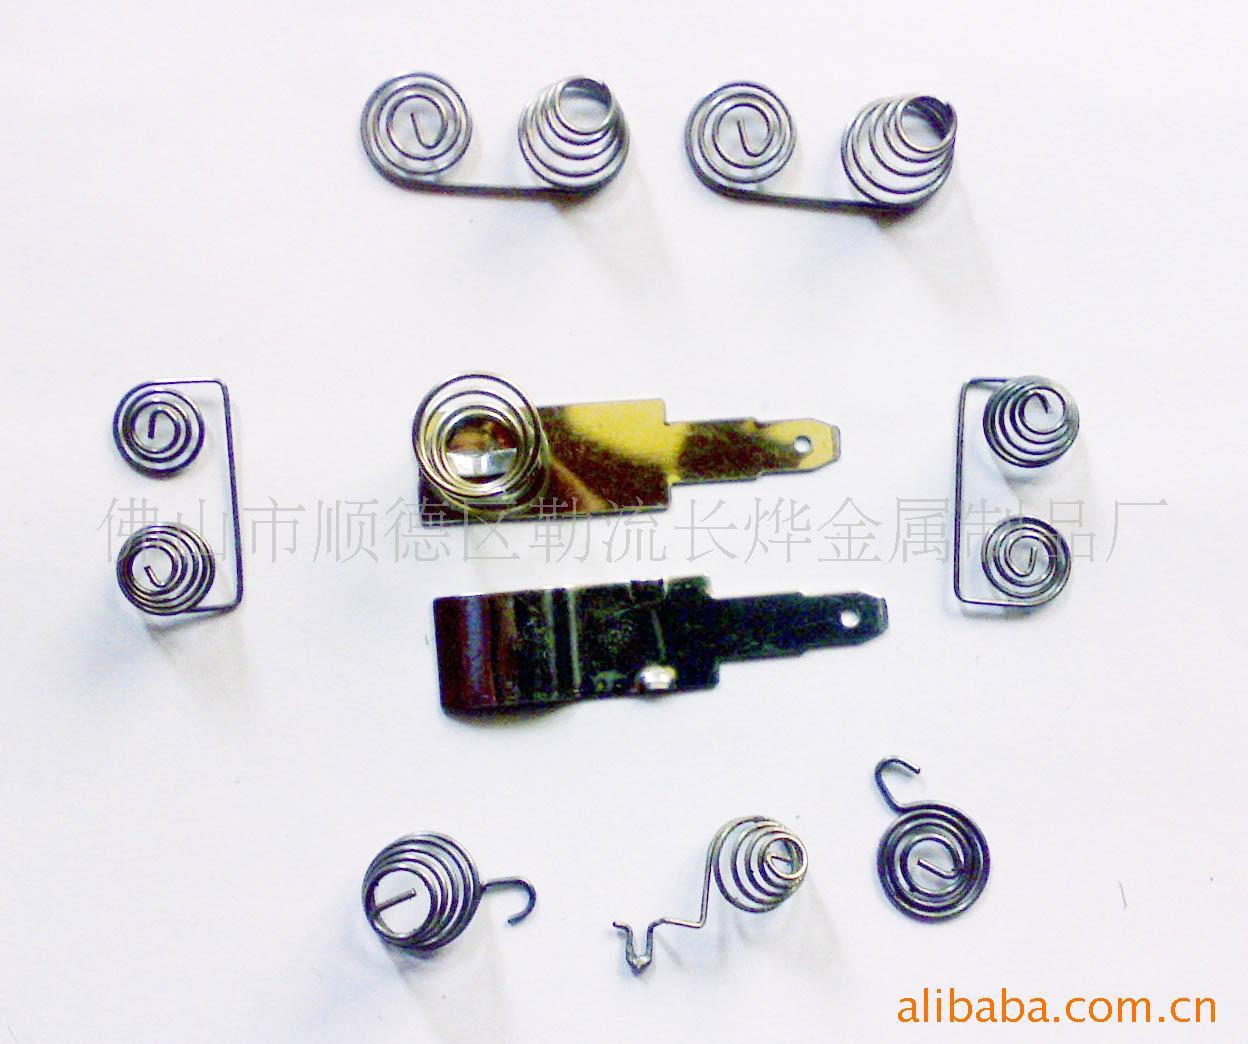 电池弹簧 供应电池弹簧,电池片,电池合弹簧 电池弹簧价格 弹簧批发